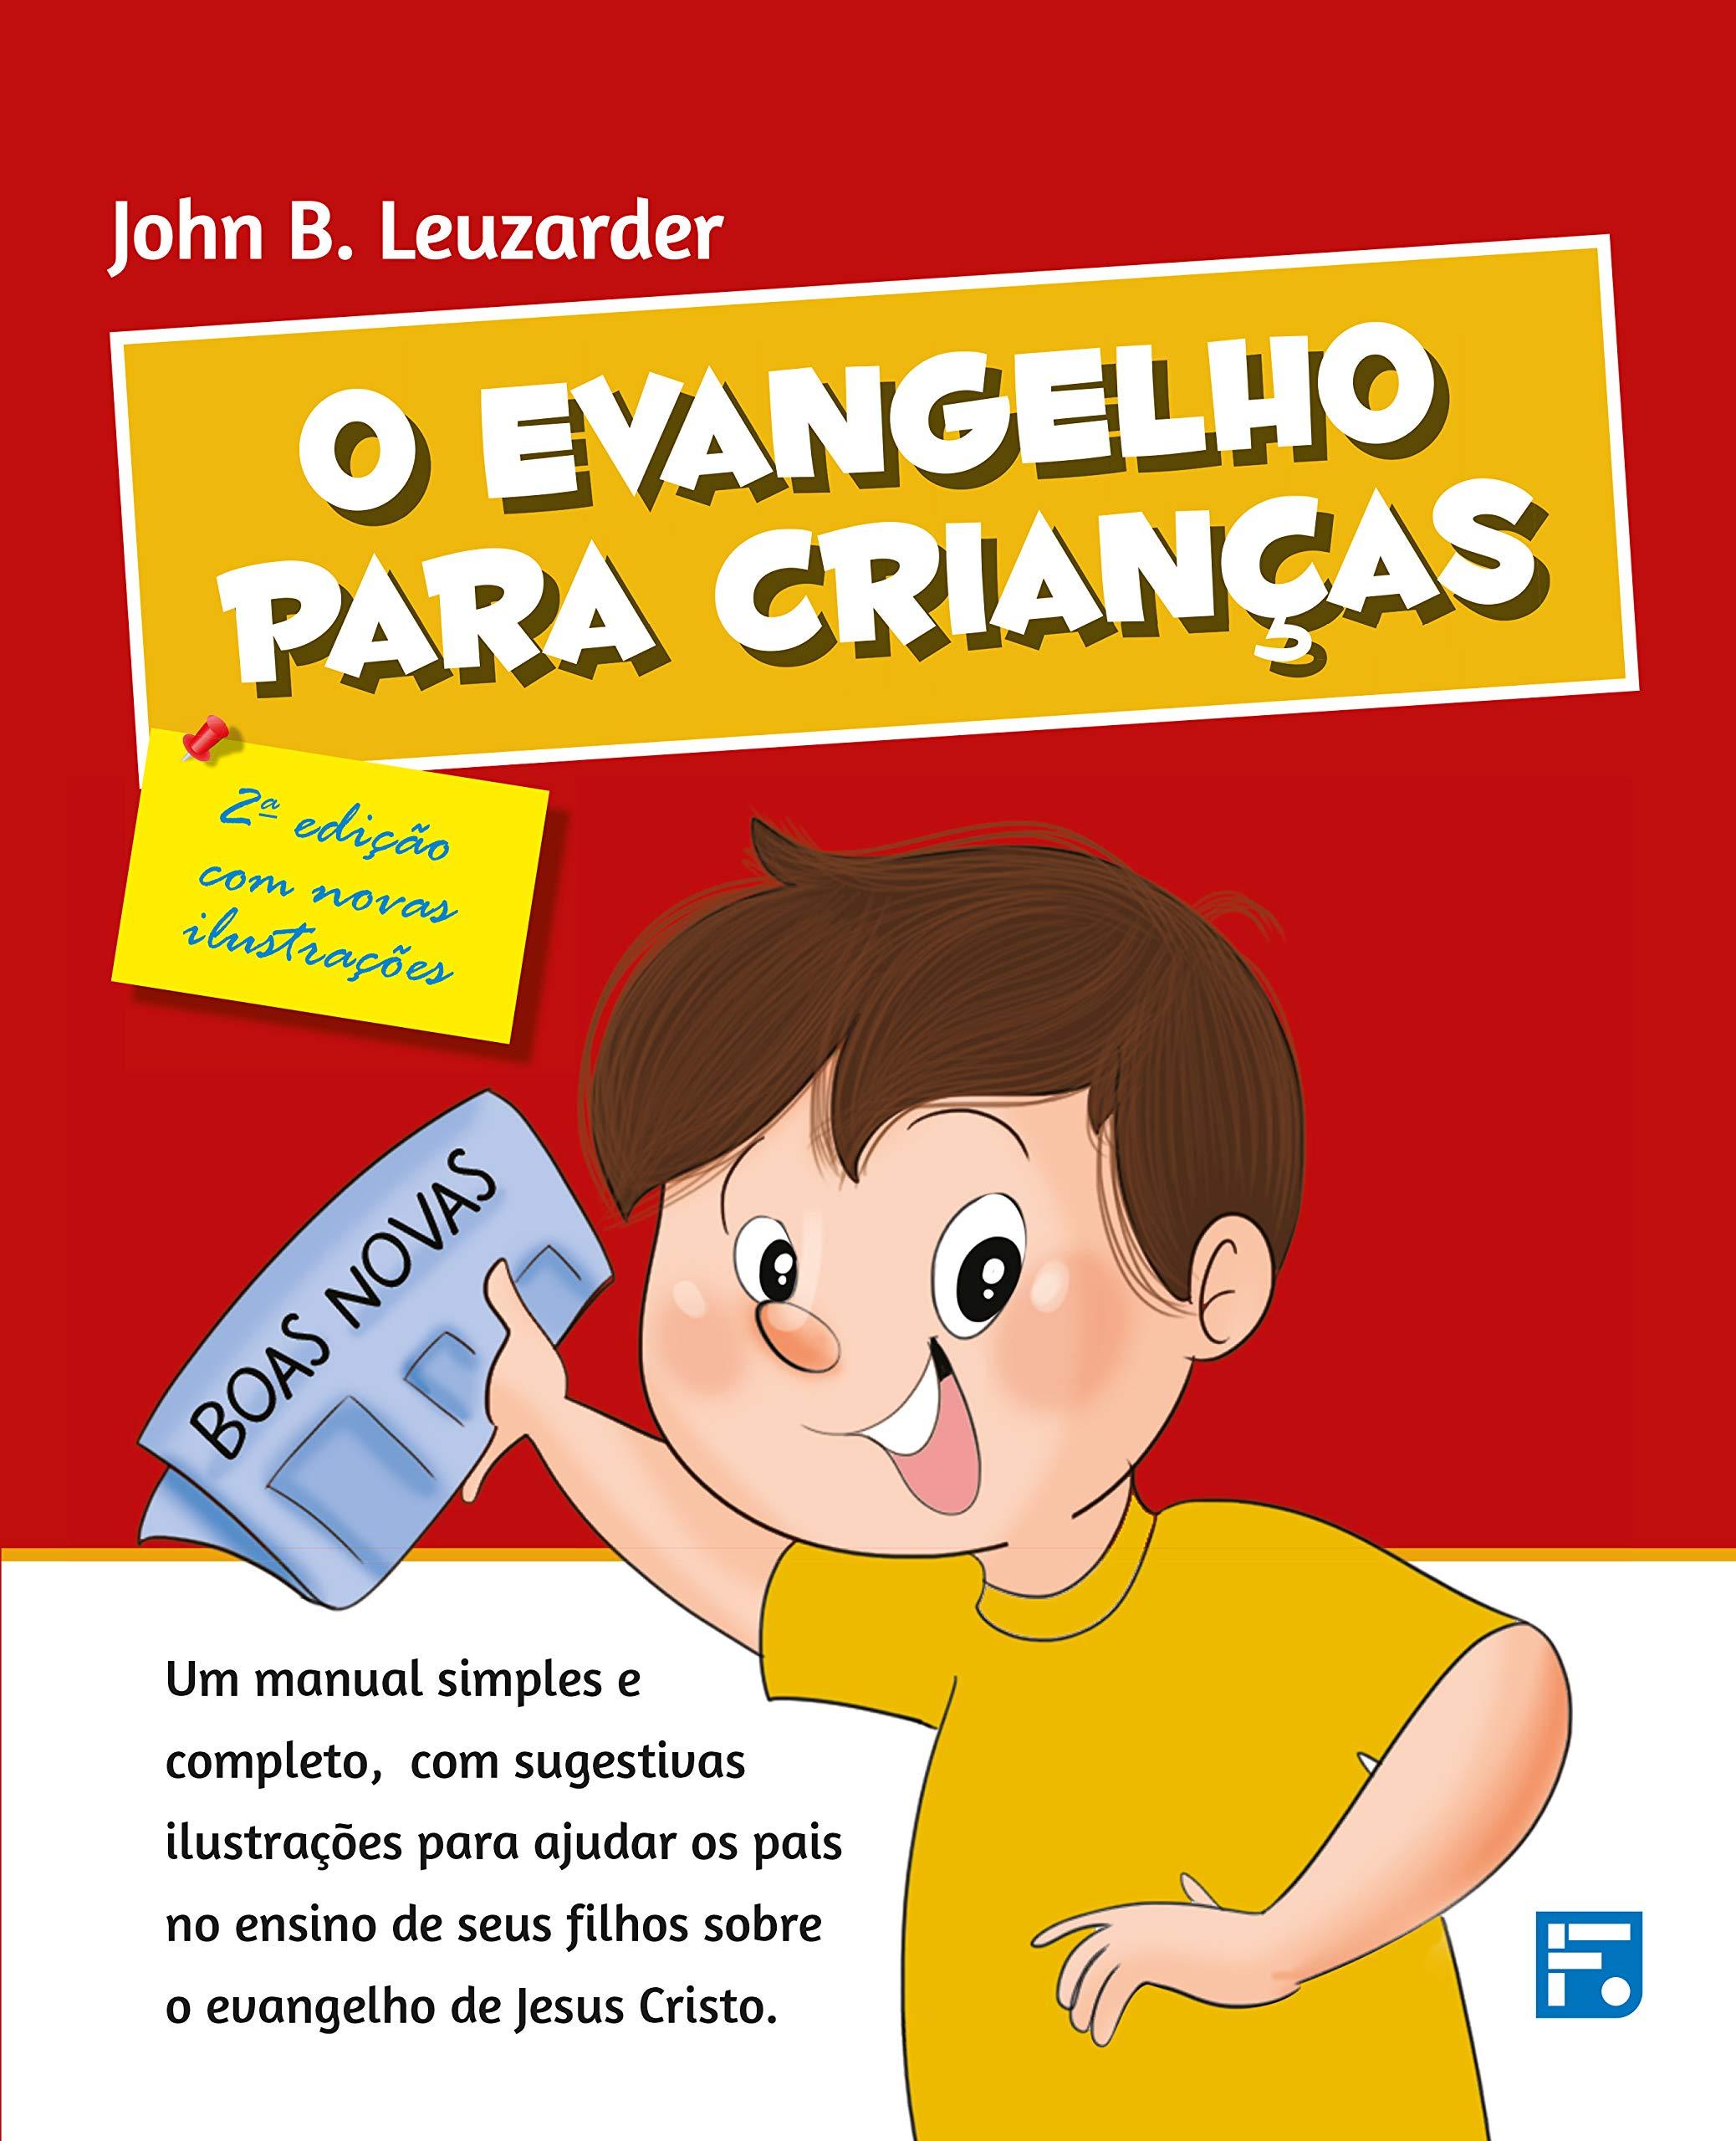 O evangelho para crianças [2ª edição com novas ilustrações]